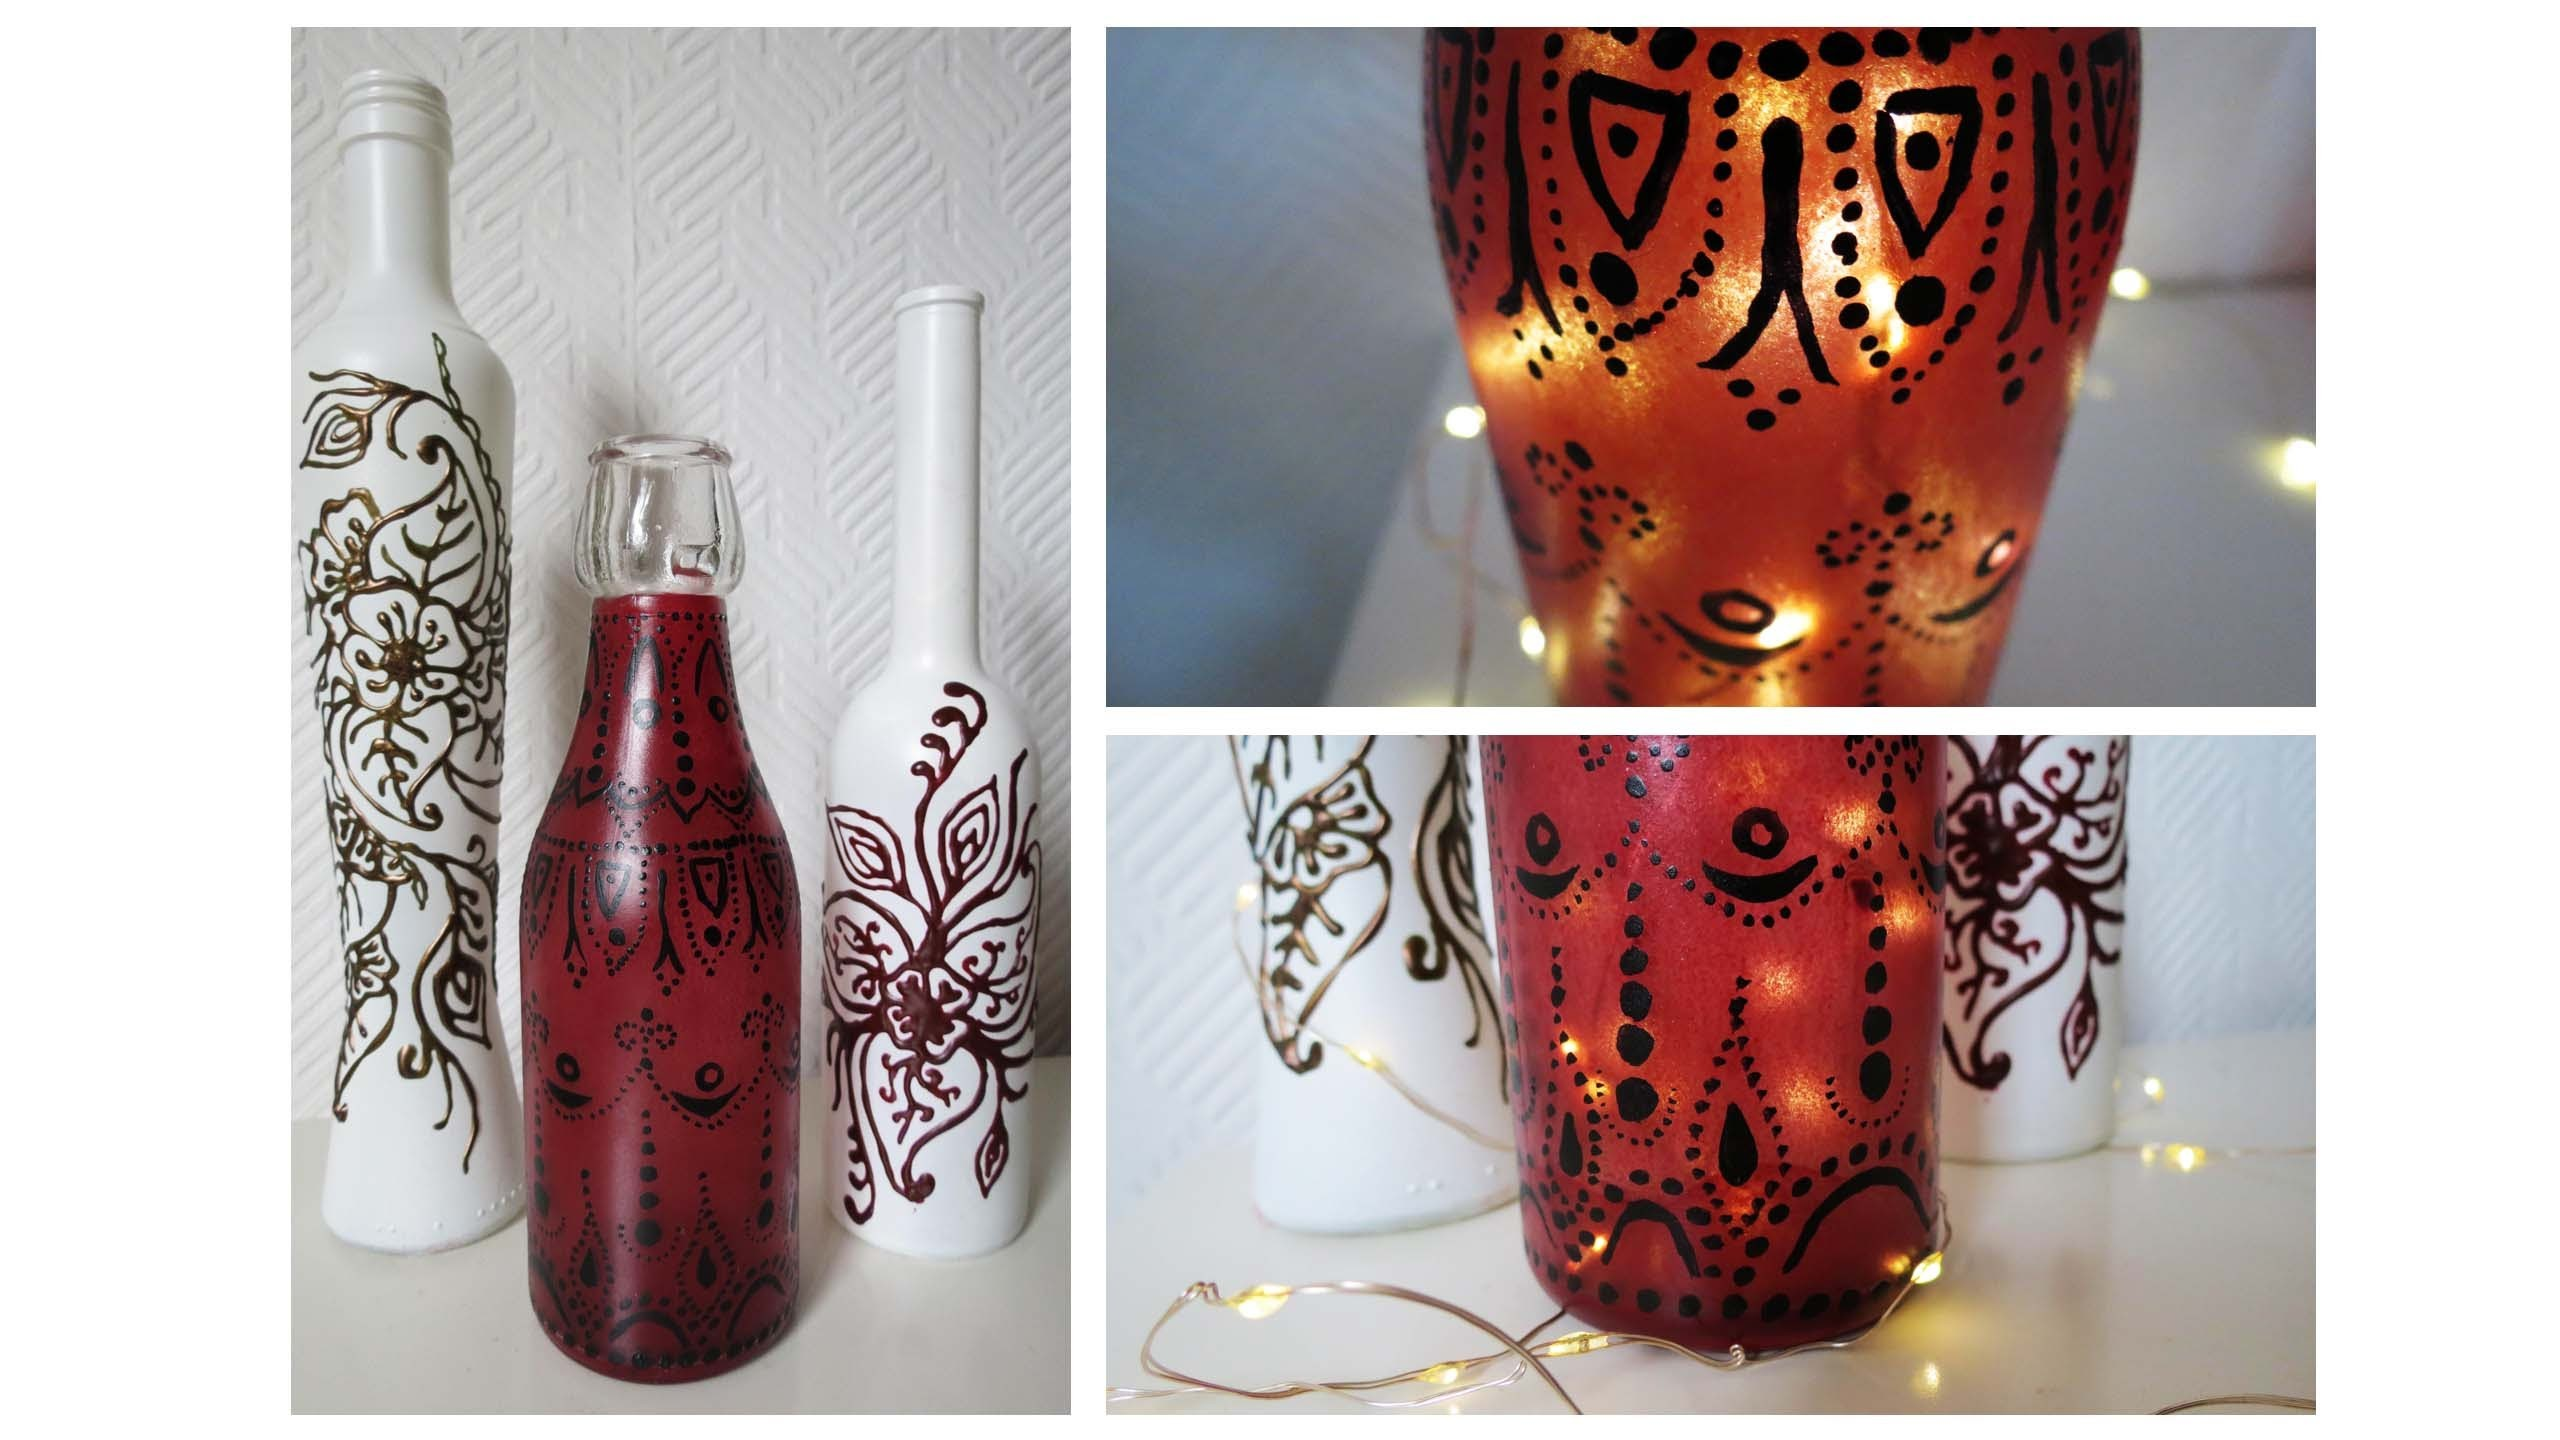 Flaschen bemalen * 2 Varianten * Painted Bottles DIY [eng sub]